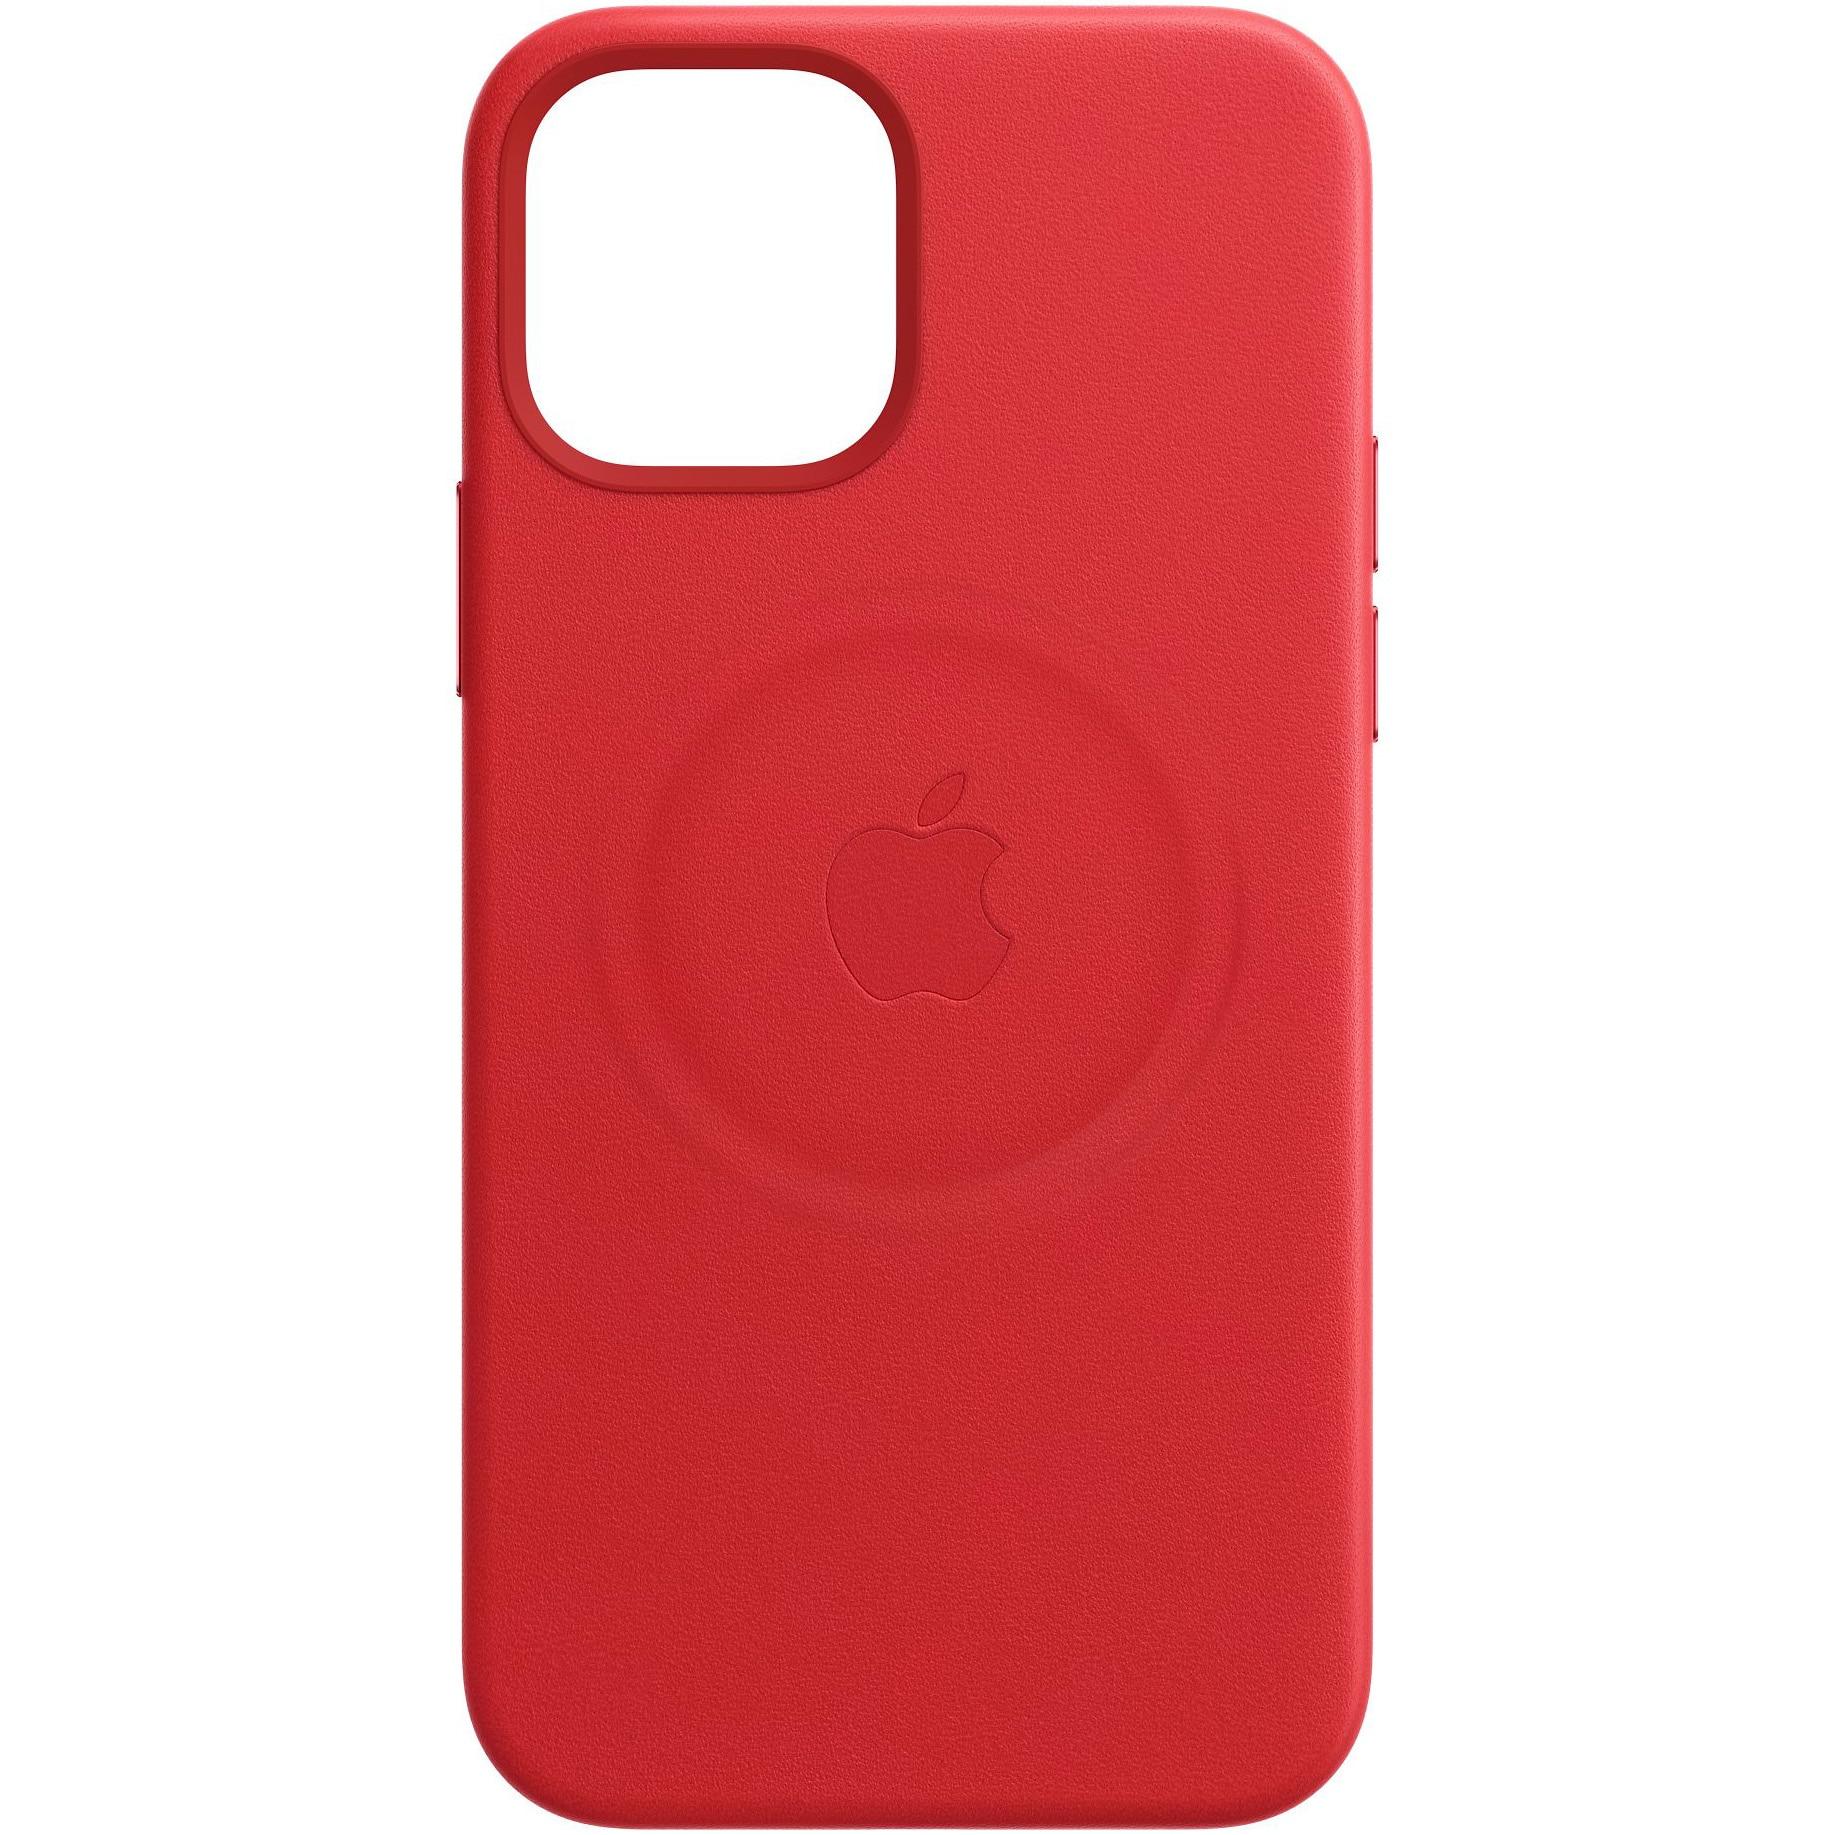 Fotografie Husa de protectie Apple Leather Case MagSafe pentru iPhone 12/12 Pro, (PRODUCT)RED